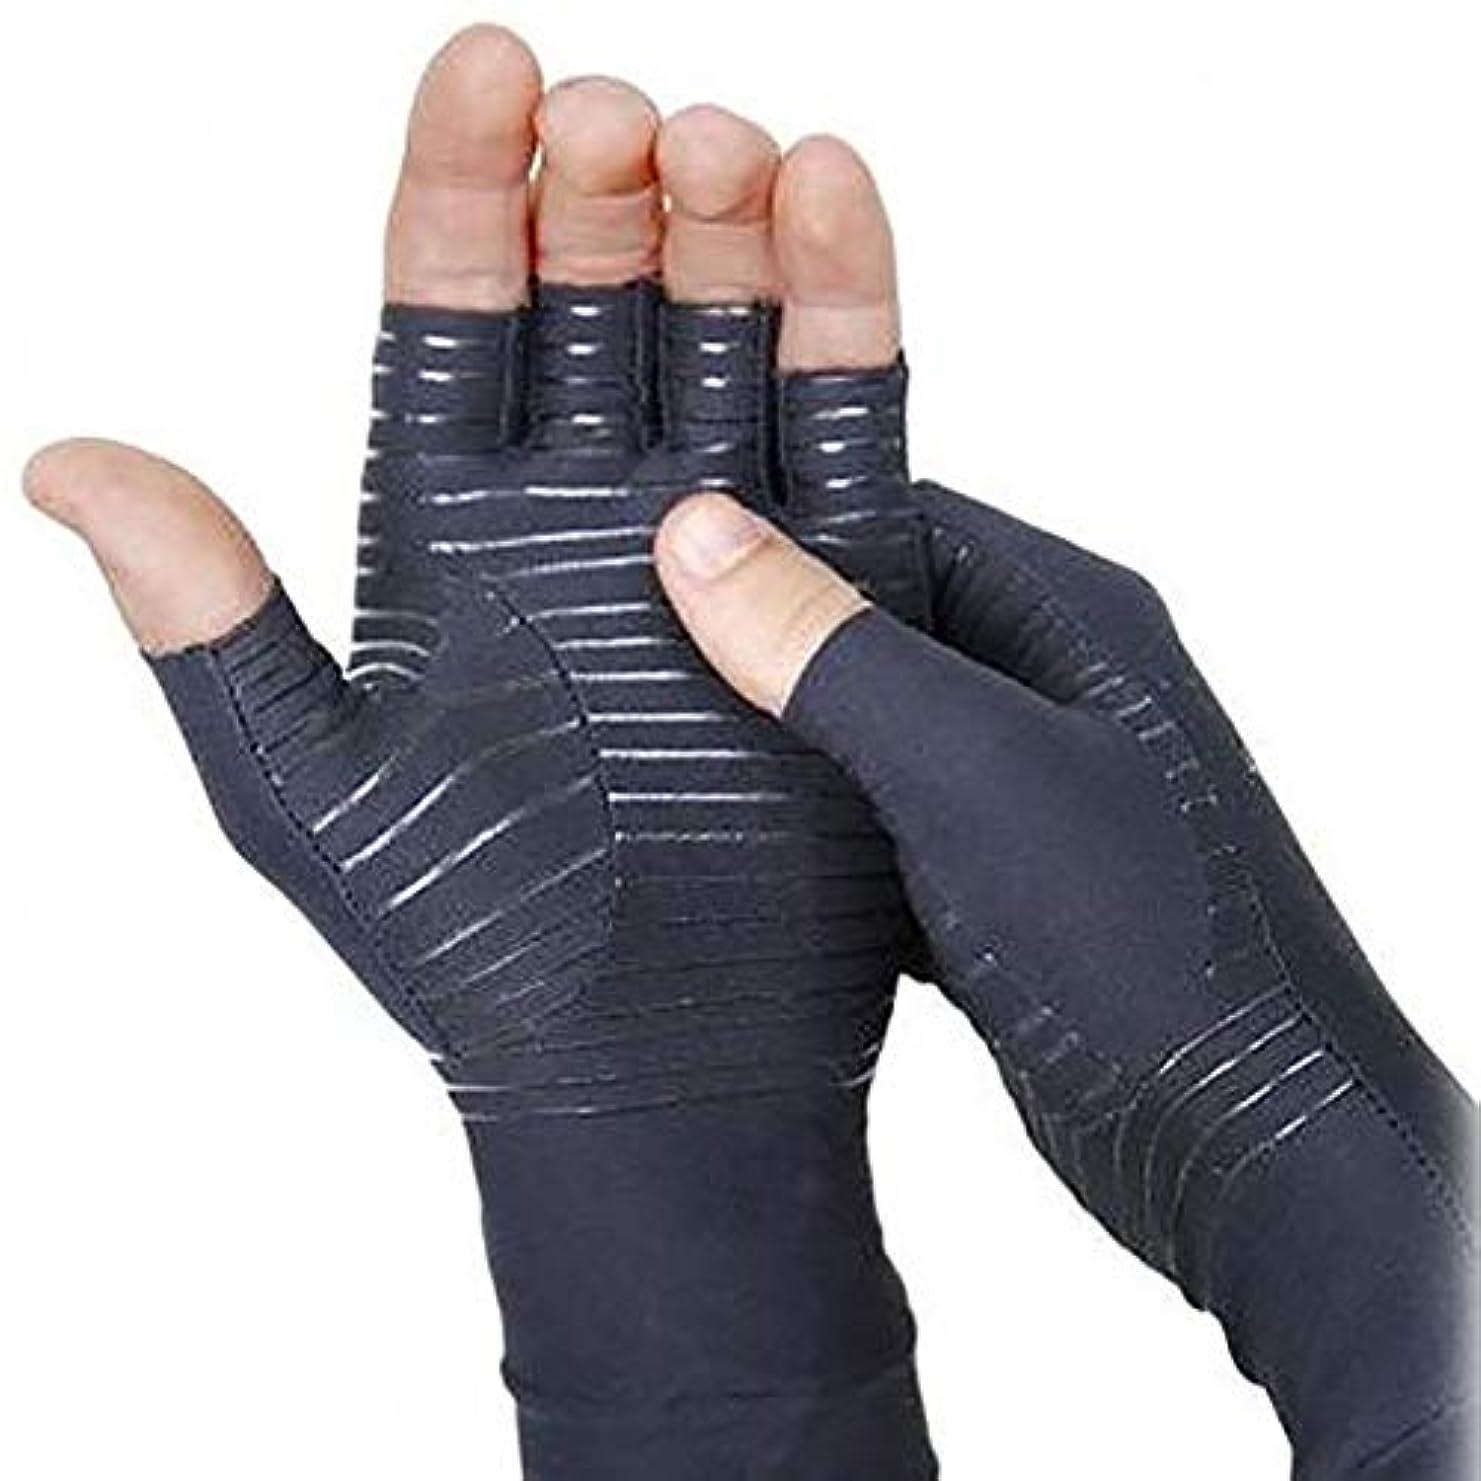 残酷シリアルいとこBOBORA 関節炎手袋 着圧手袋 指なし手袋 着圧引き締め 銅イオン繊維 関節ストレス 手首サポーター スライドタッチ手袋 男女共用 1ペア入り